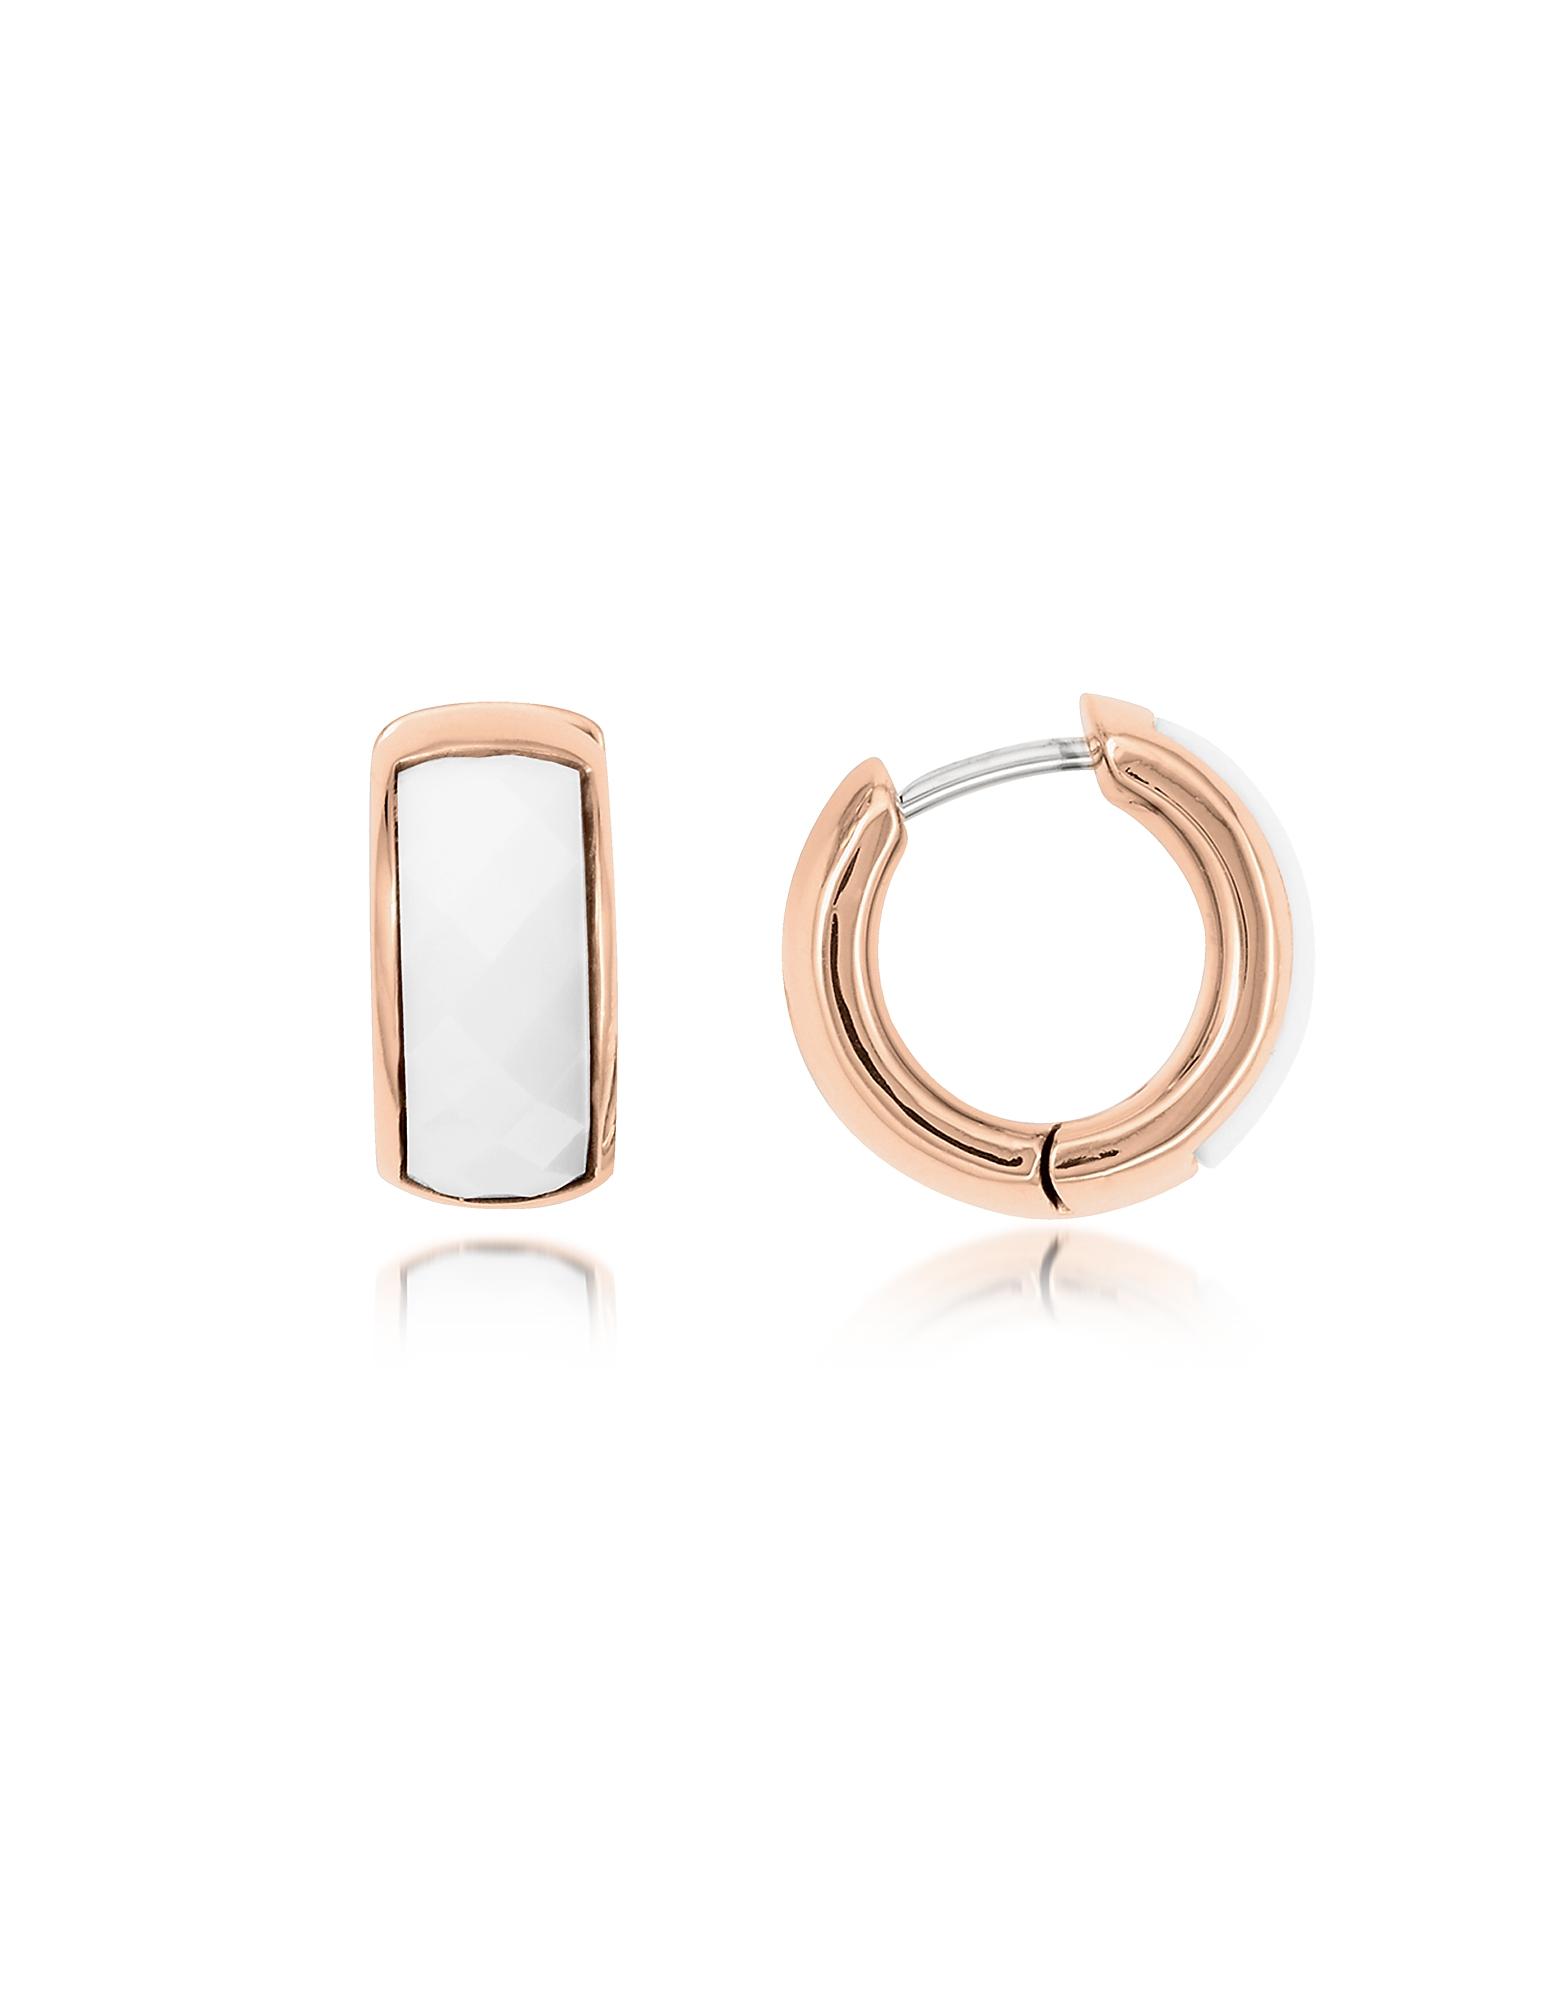 Fossil Earrings, White Huggie Hoops Rose Gold Tone Women's Earring